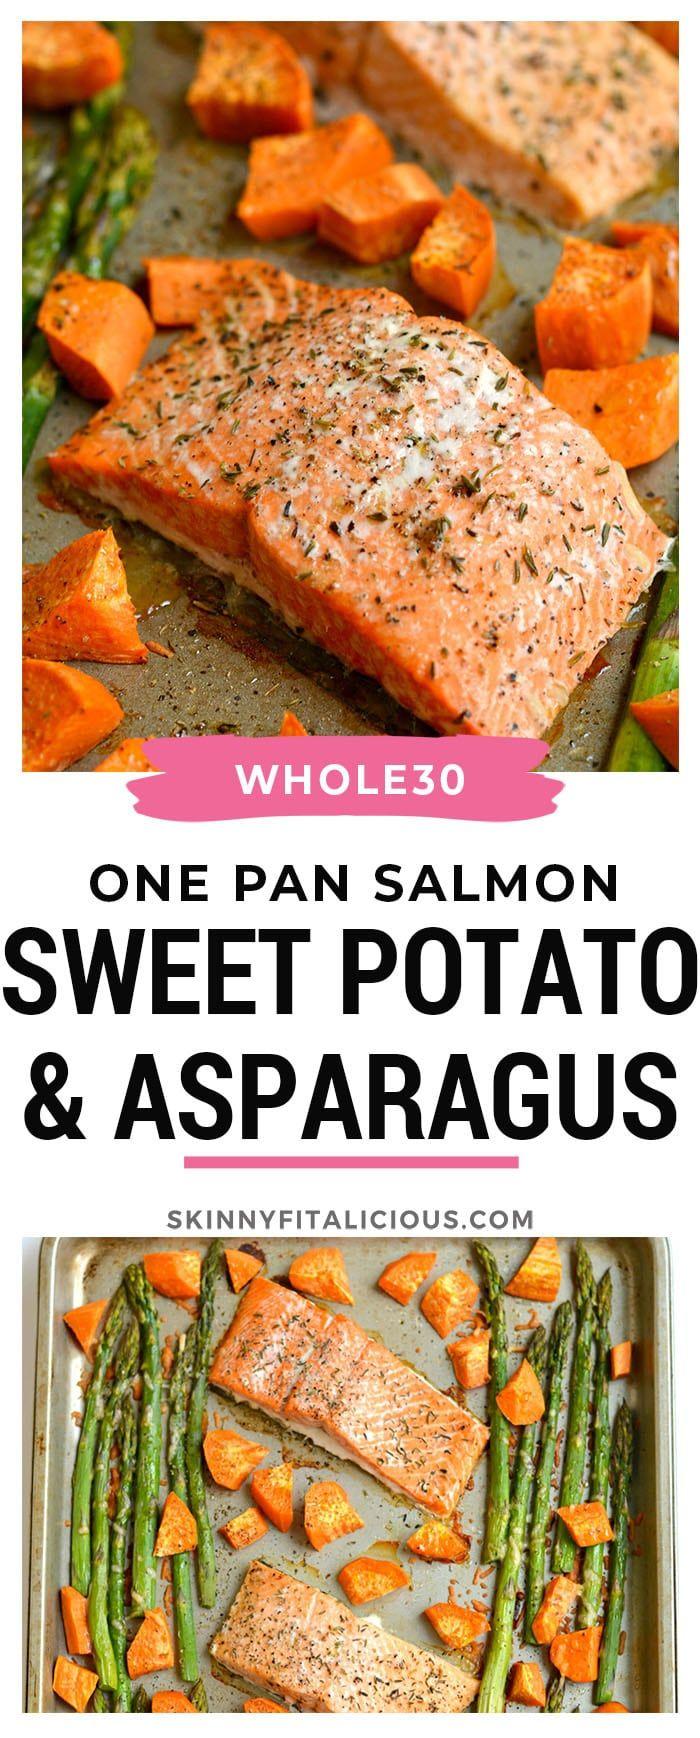 One Pan Baked Salmon Asparagus Sweet Potato - Skinny Fitalicious #salmonrecipes